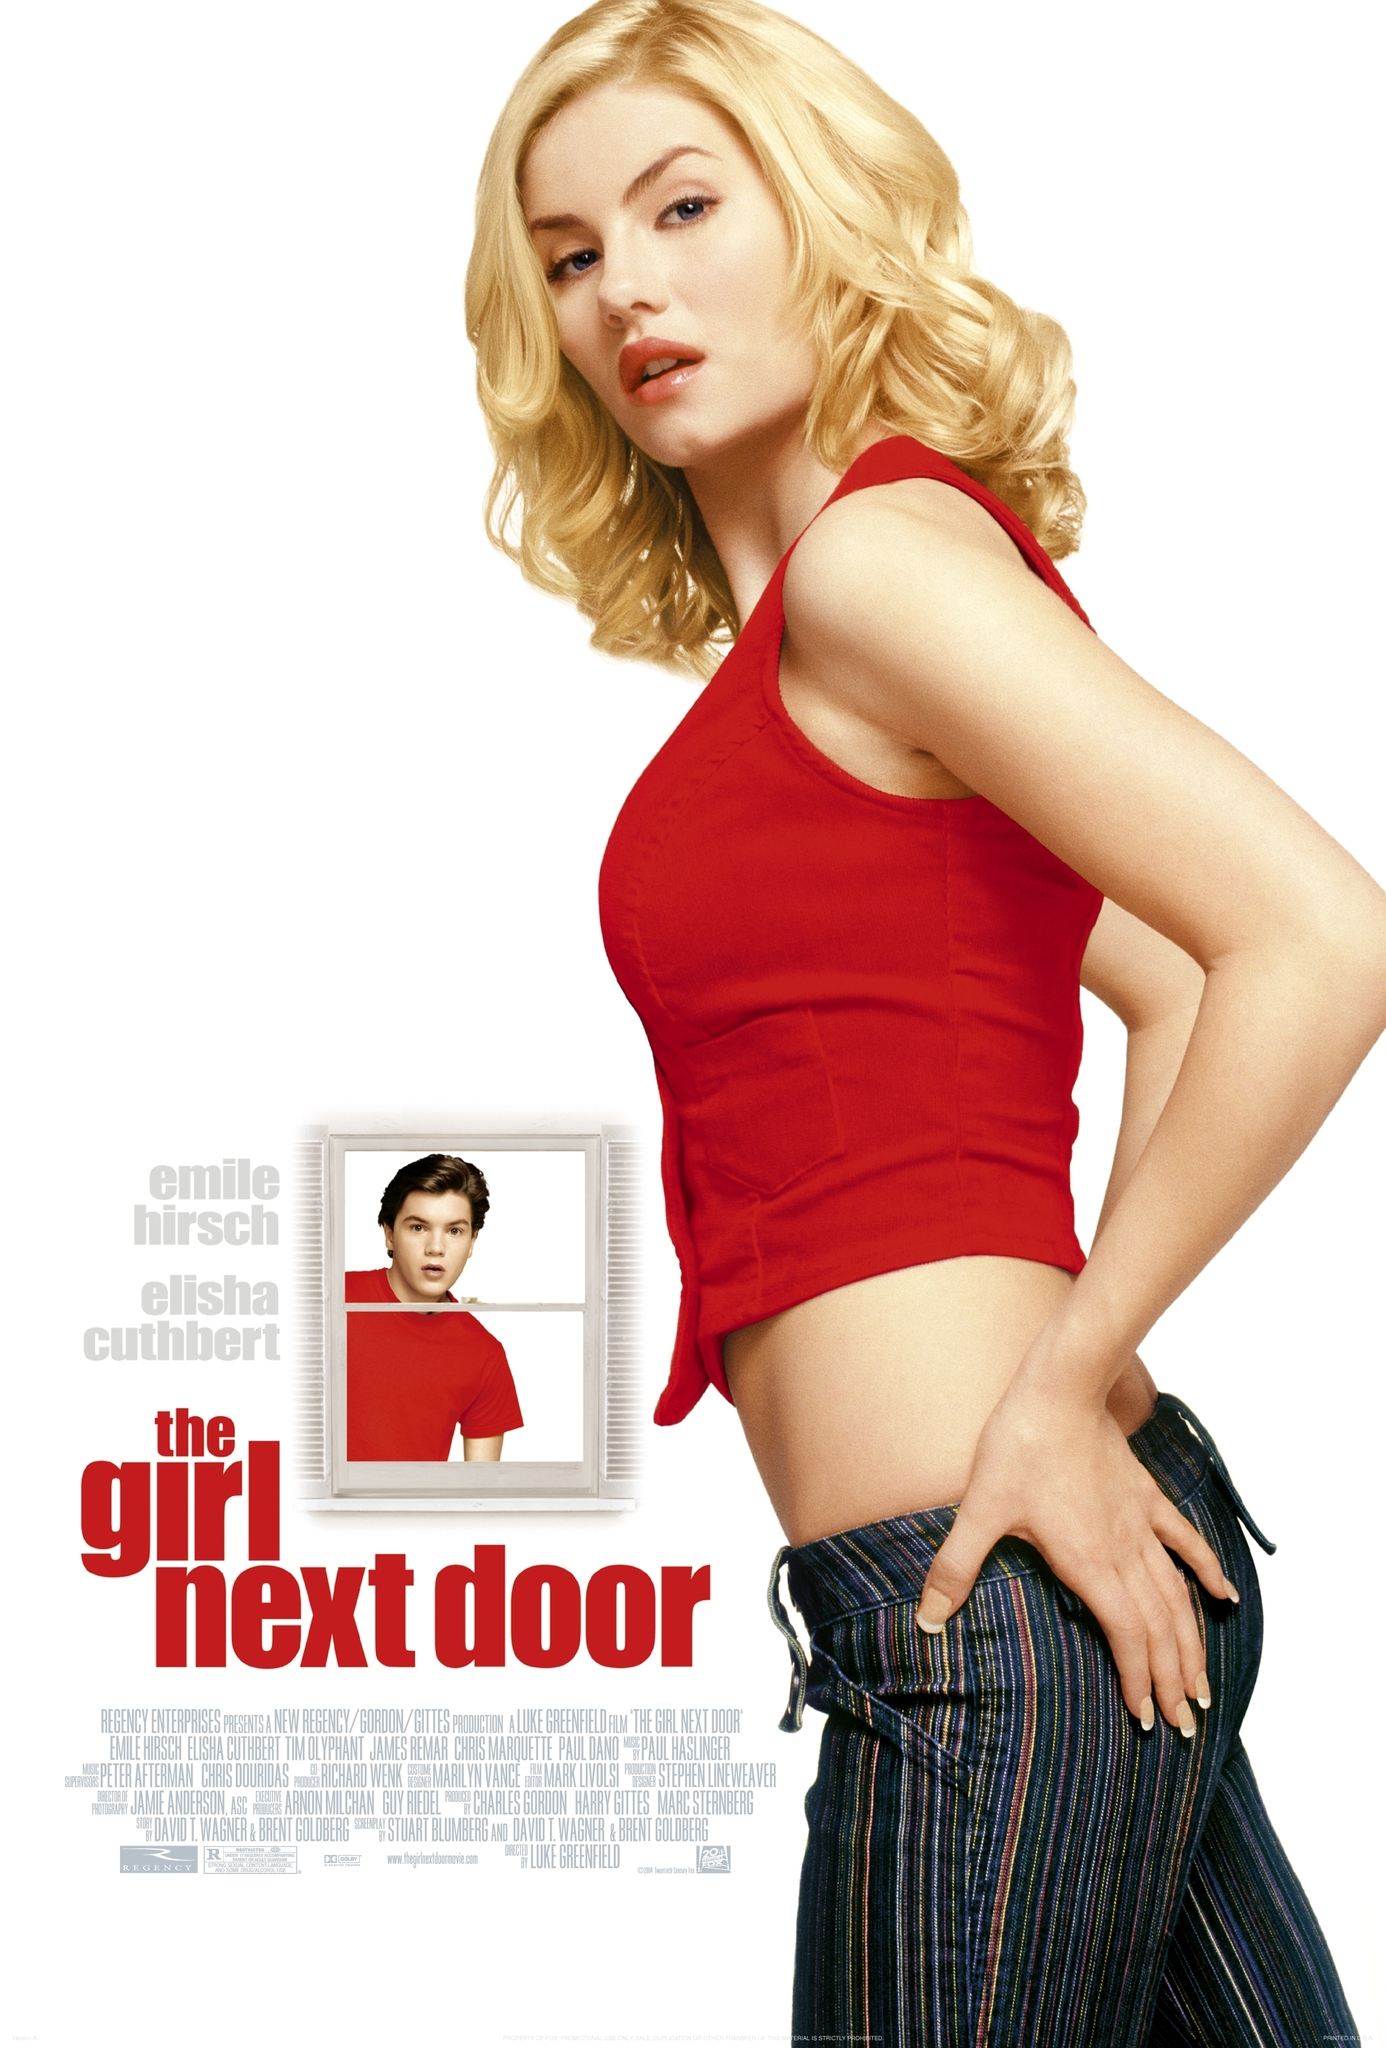 Hot girls next door neighbor